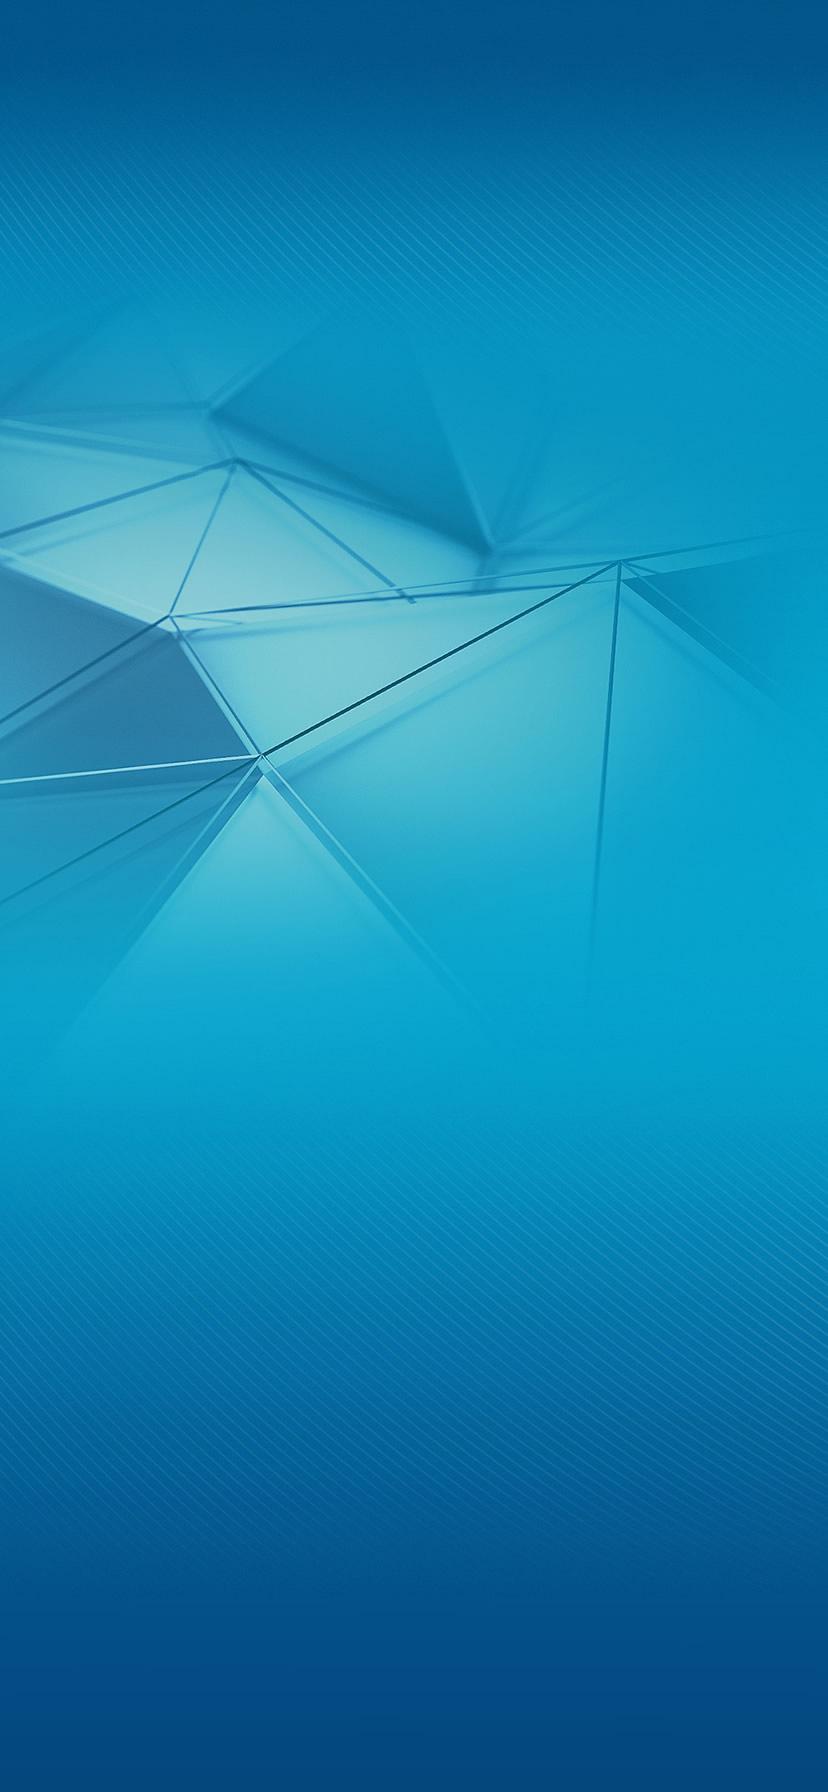 ブルー3d三角形iphone Xr壁紙 8 1792 Iphoneチーズ